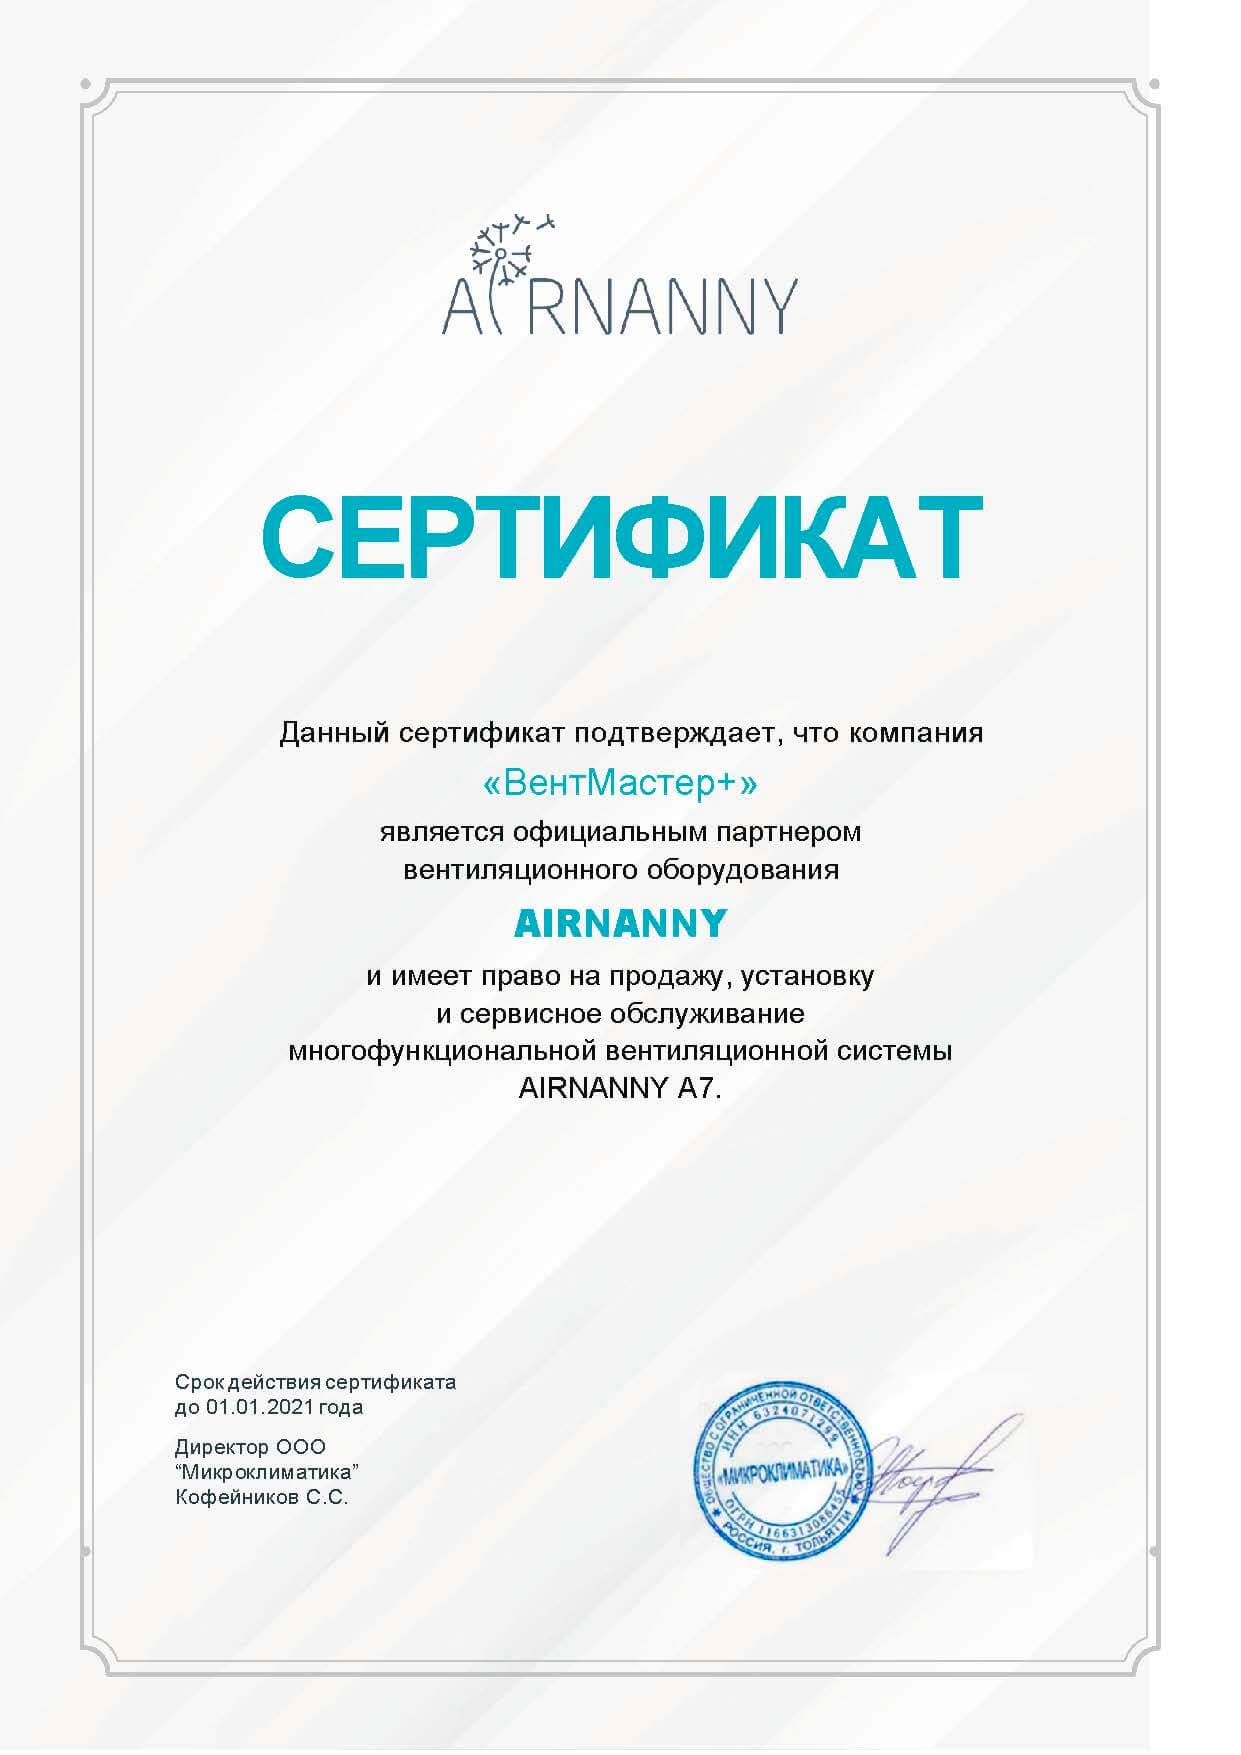 ВентМастерПлюс - дилер AIRNANNY